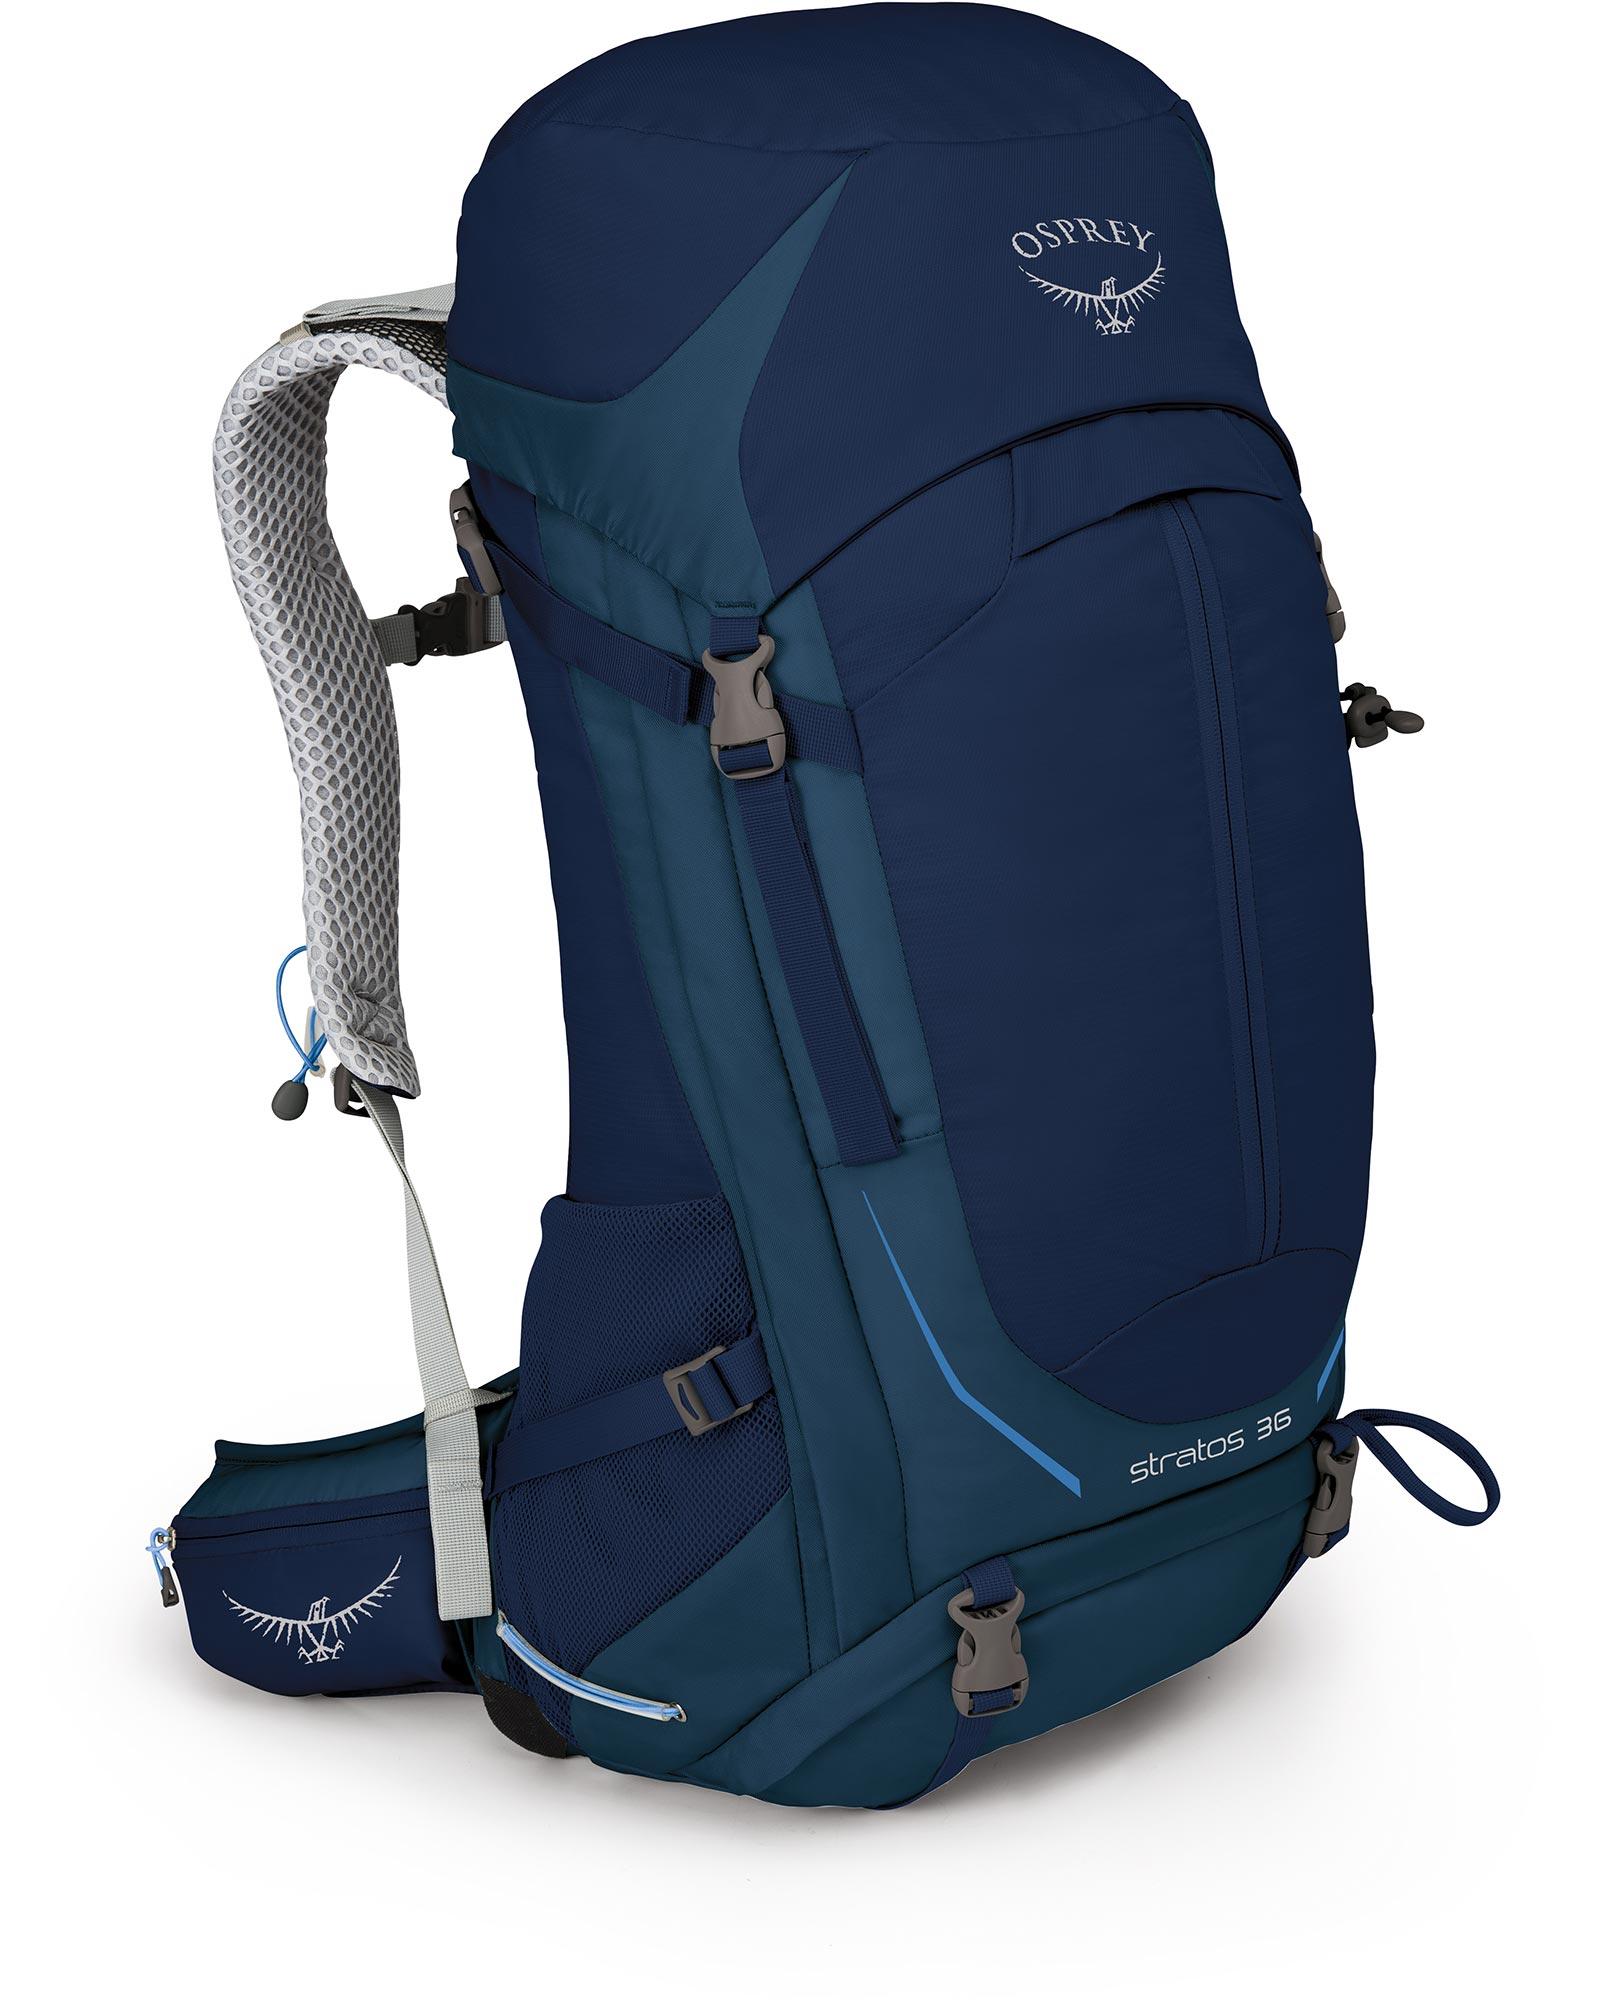 Osprey Men's Stratos 36 Backpack 0